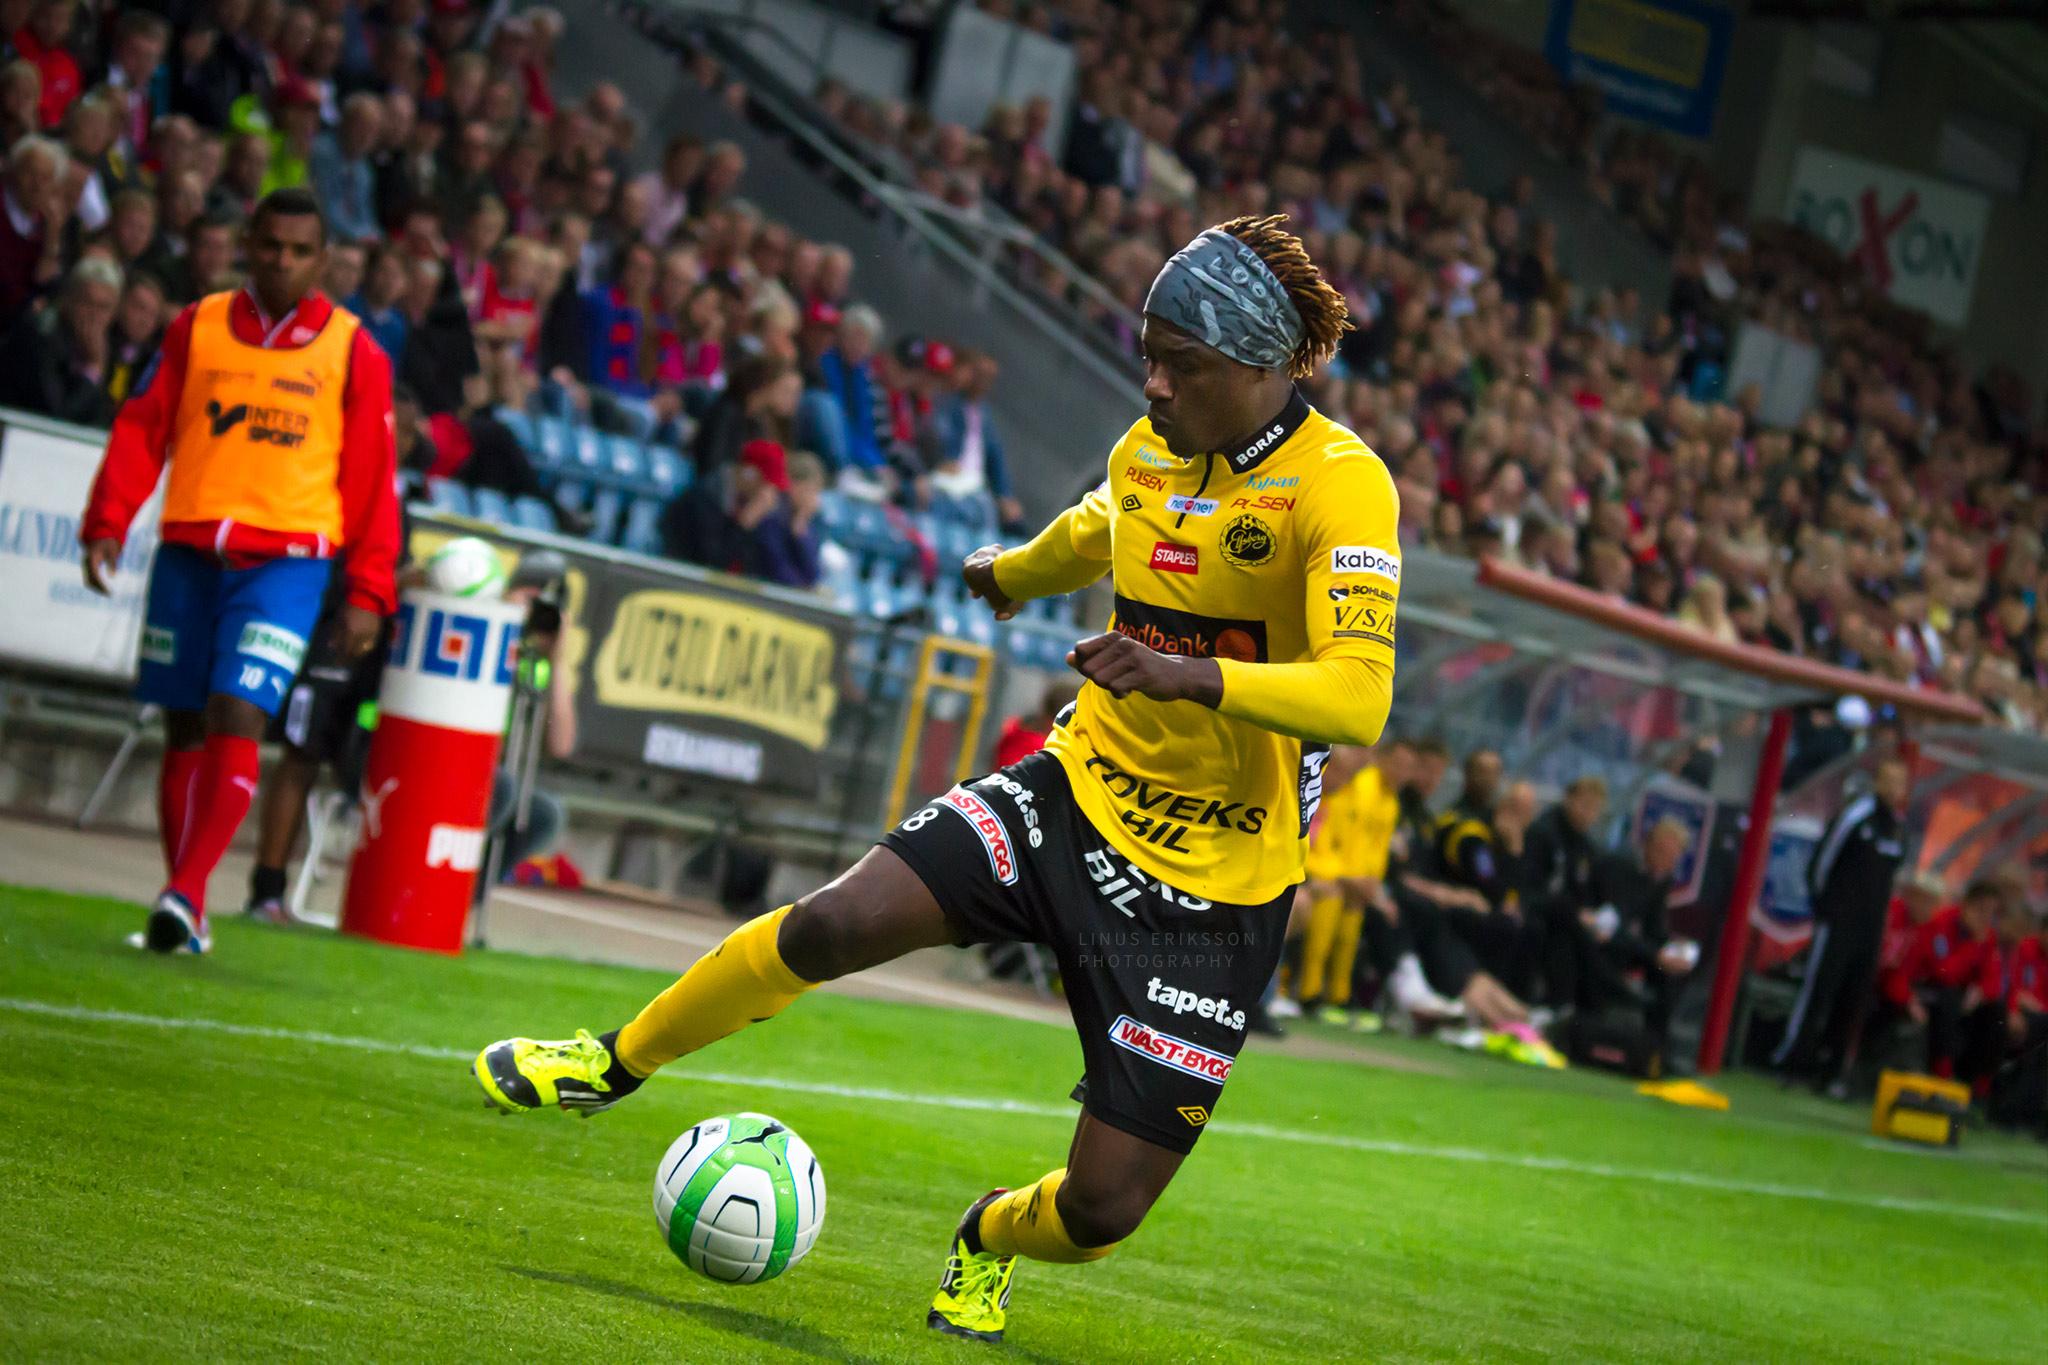 Sportbilder Helsingborg